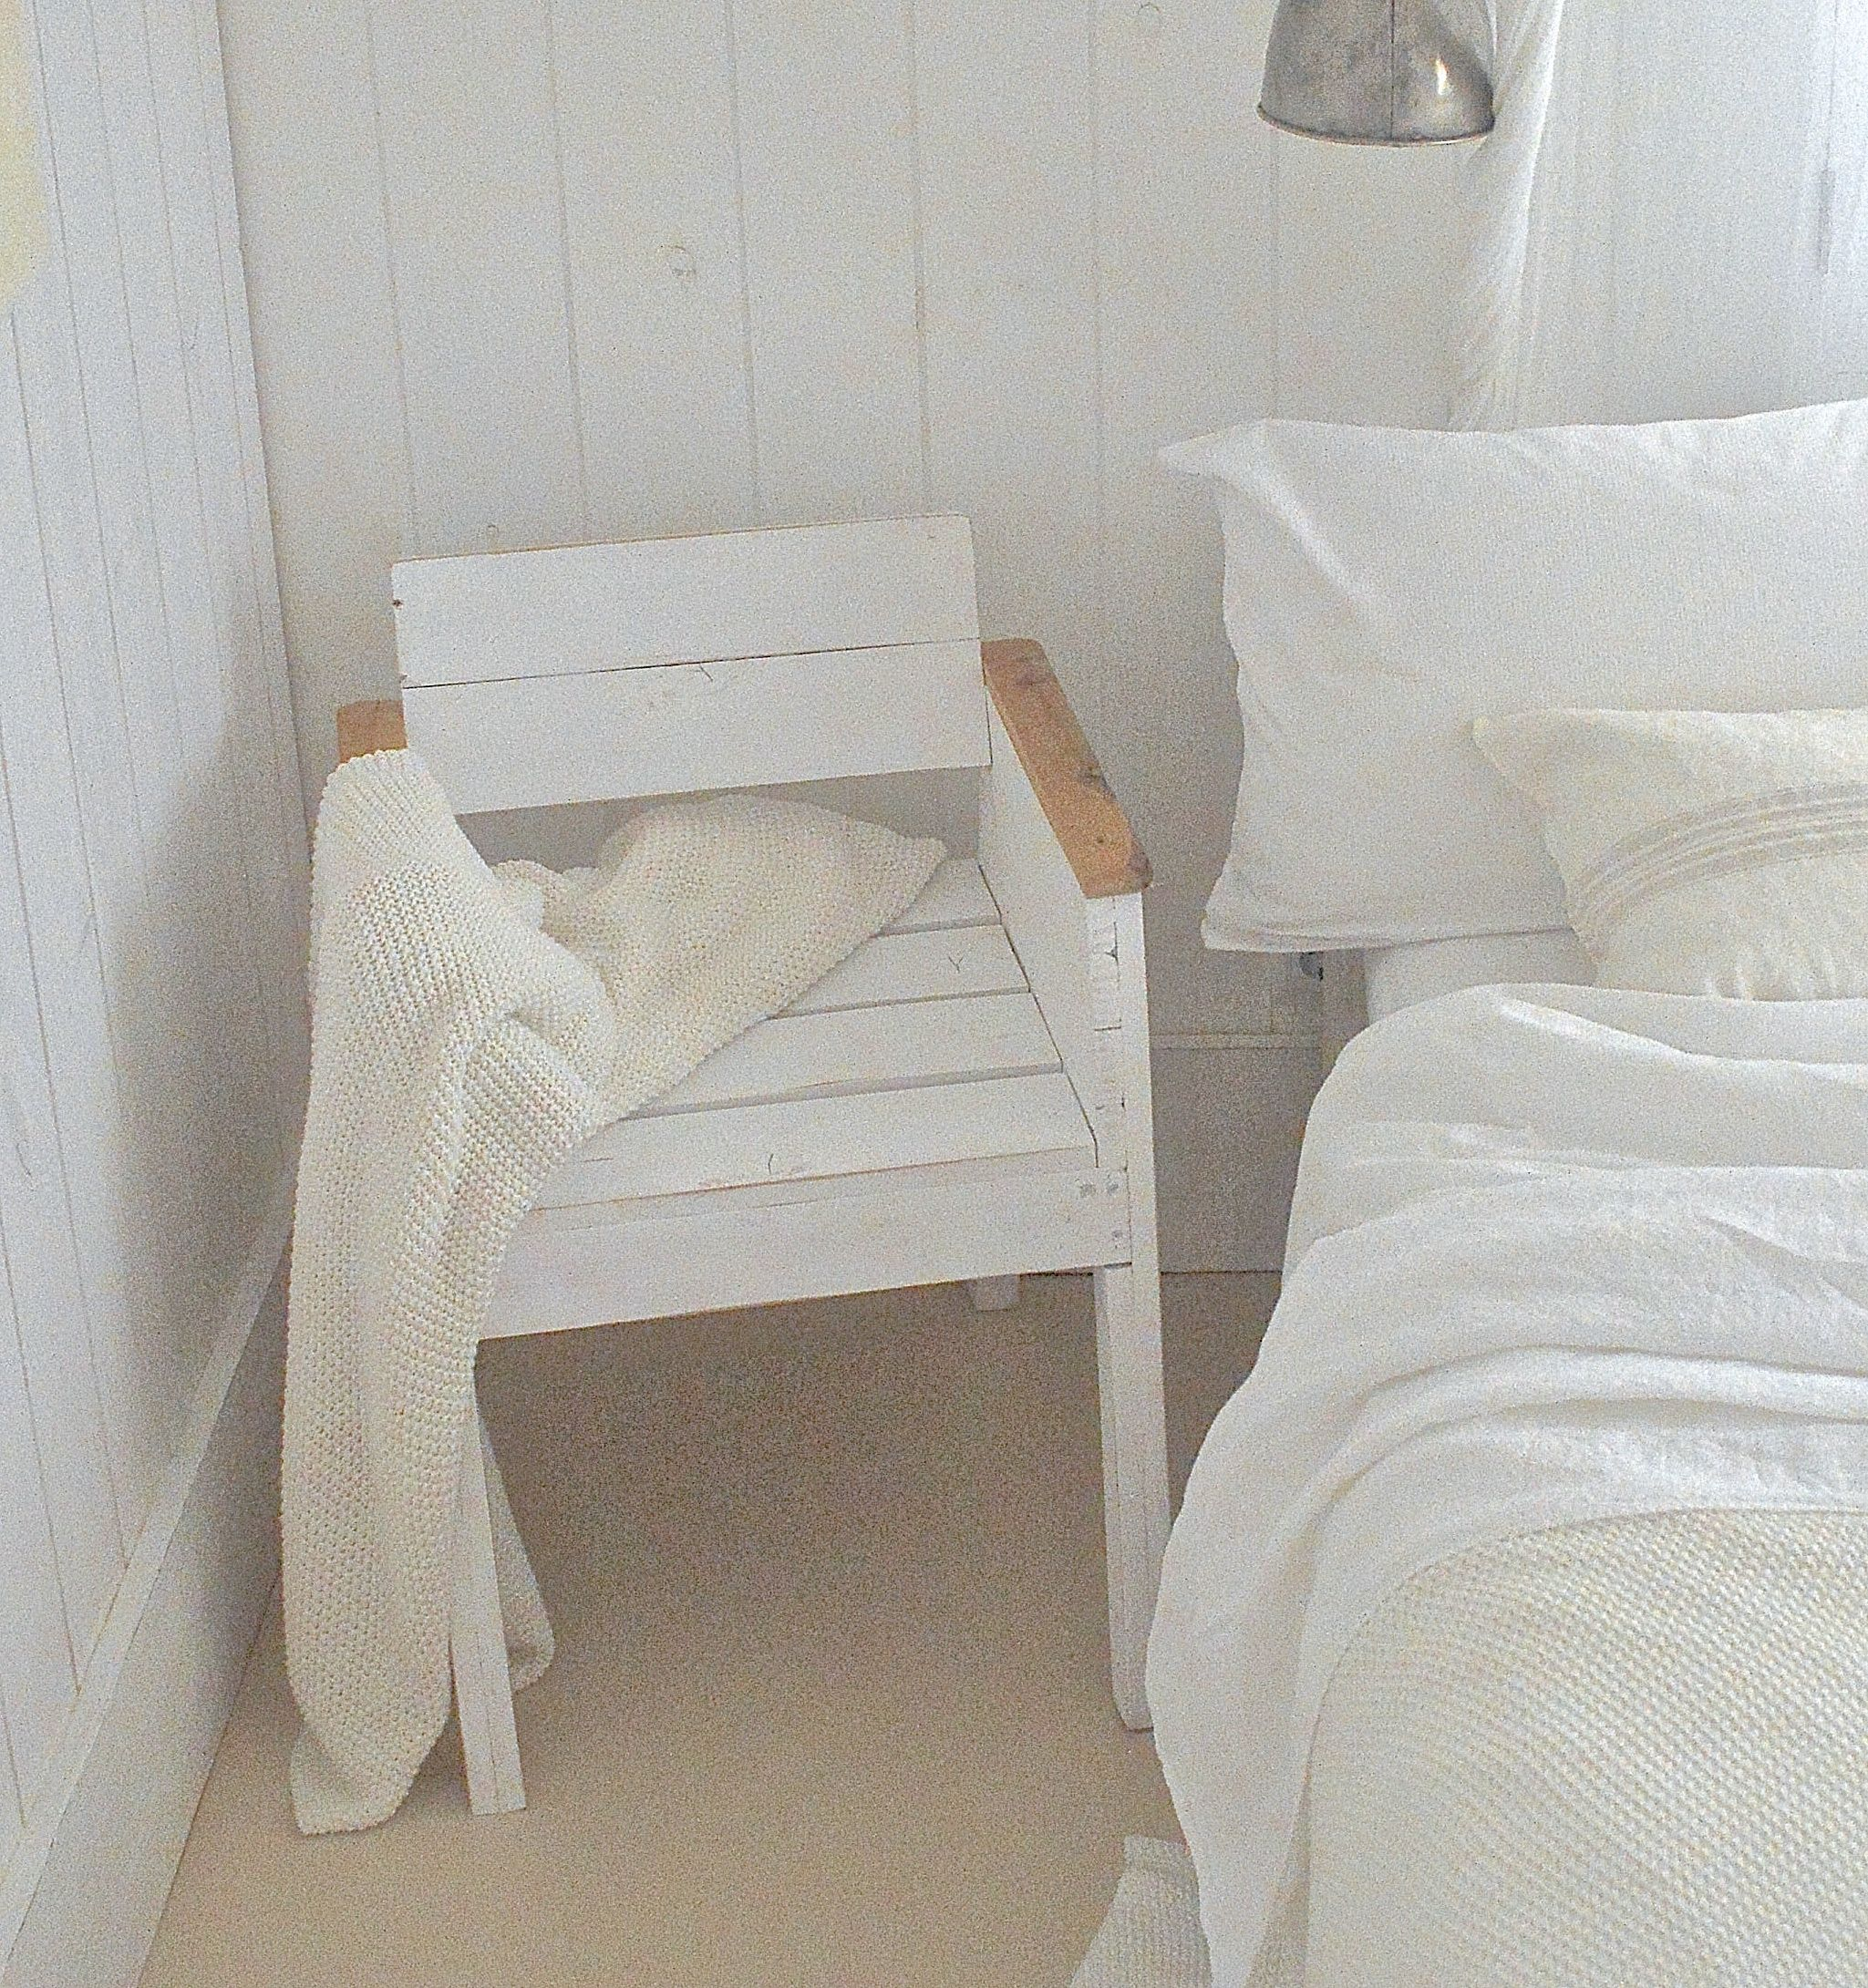 wei e einrichtung f r das schlafzimmer barefoot living by til schweiger m bel interior. Black Bedroom Furniture Sets. Home Design Ideas